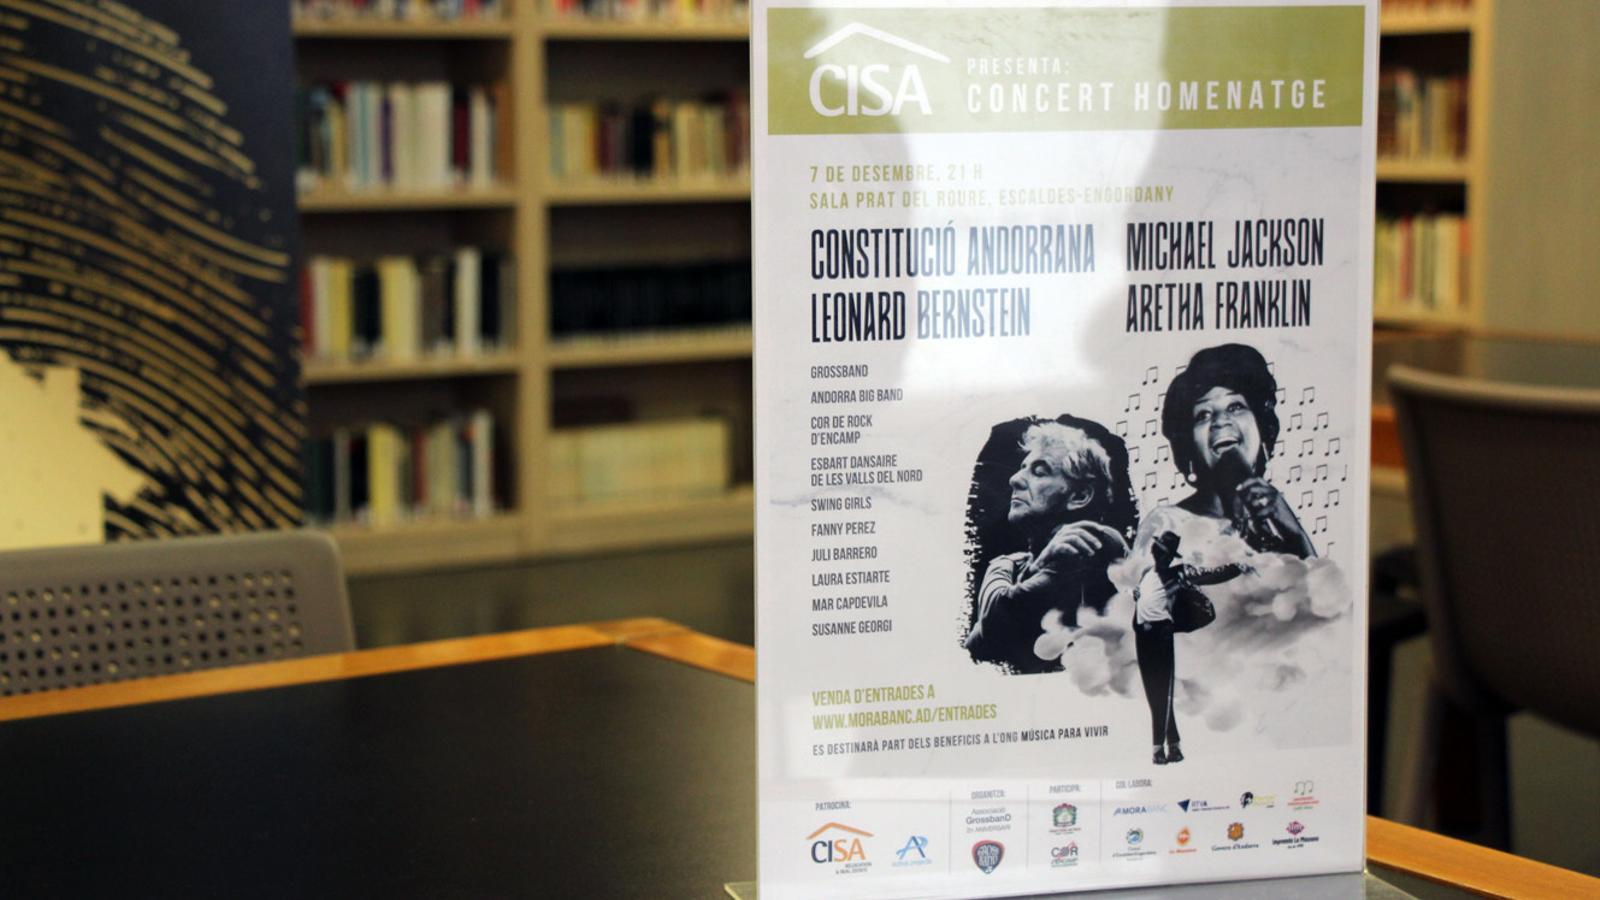 Cartell del concert homenatge a la Constitució Andorrana, Leonard Bernstein, Michael Jackson i Aretha Franklin, organitzat per l'Associació Gross Band. / T. N. (ANA)